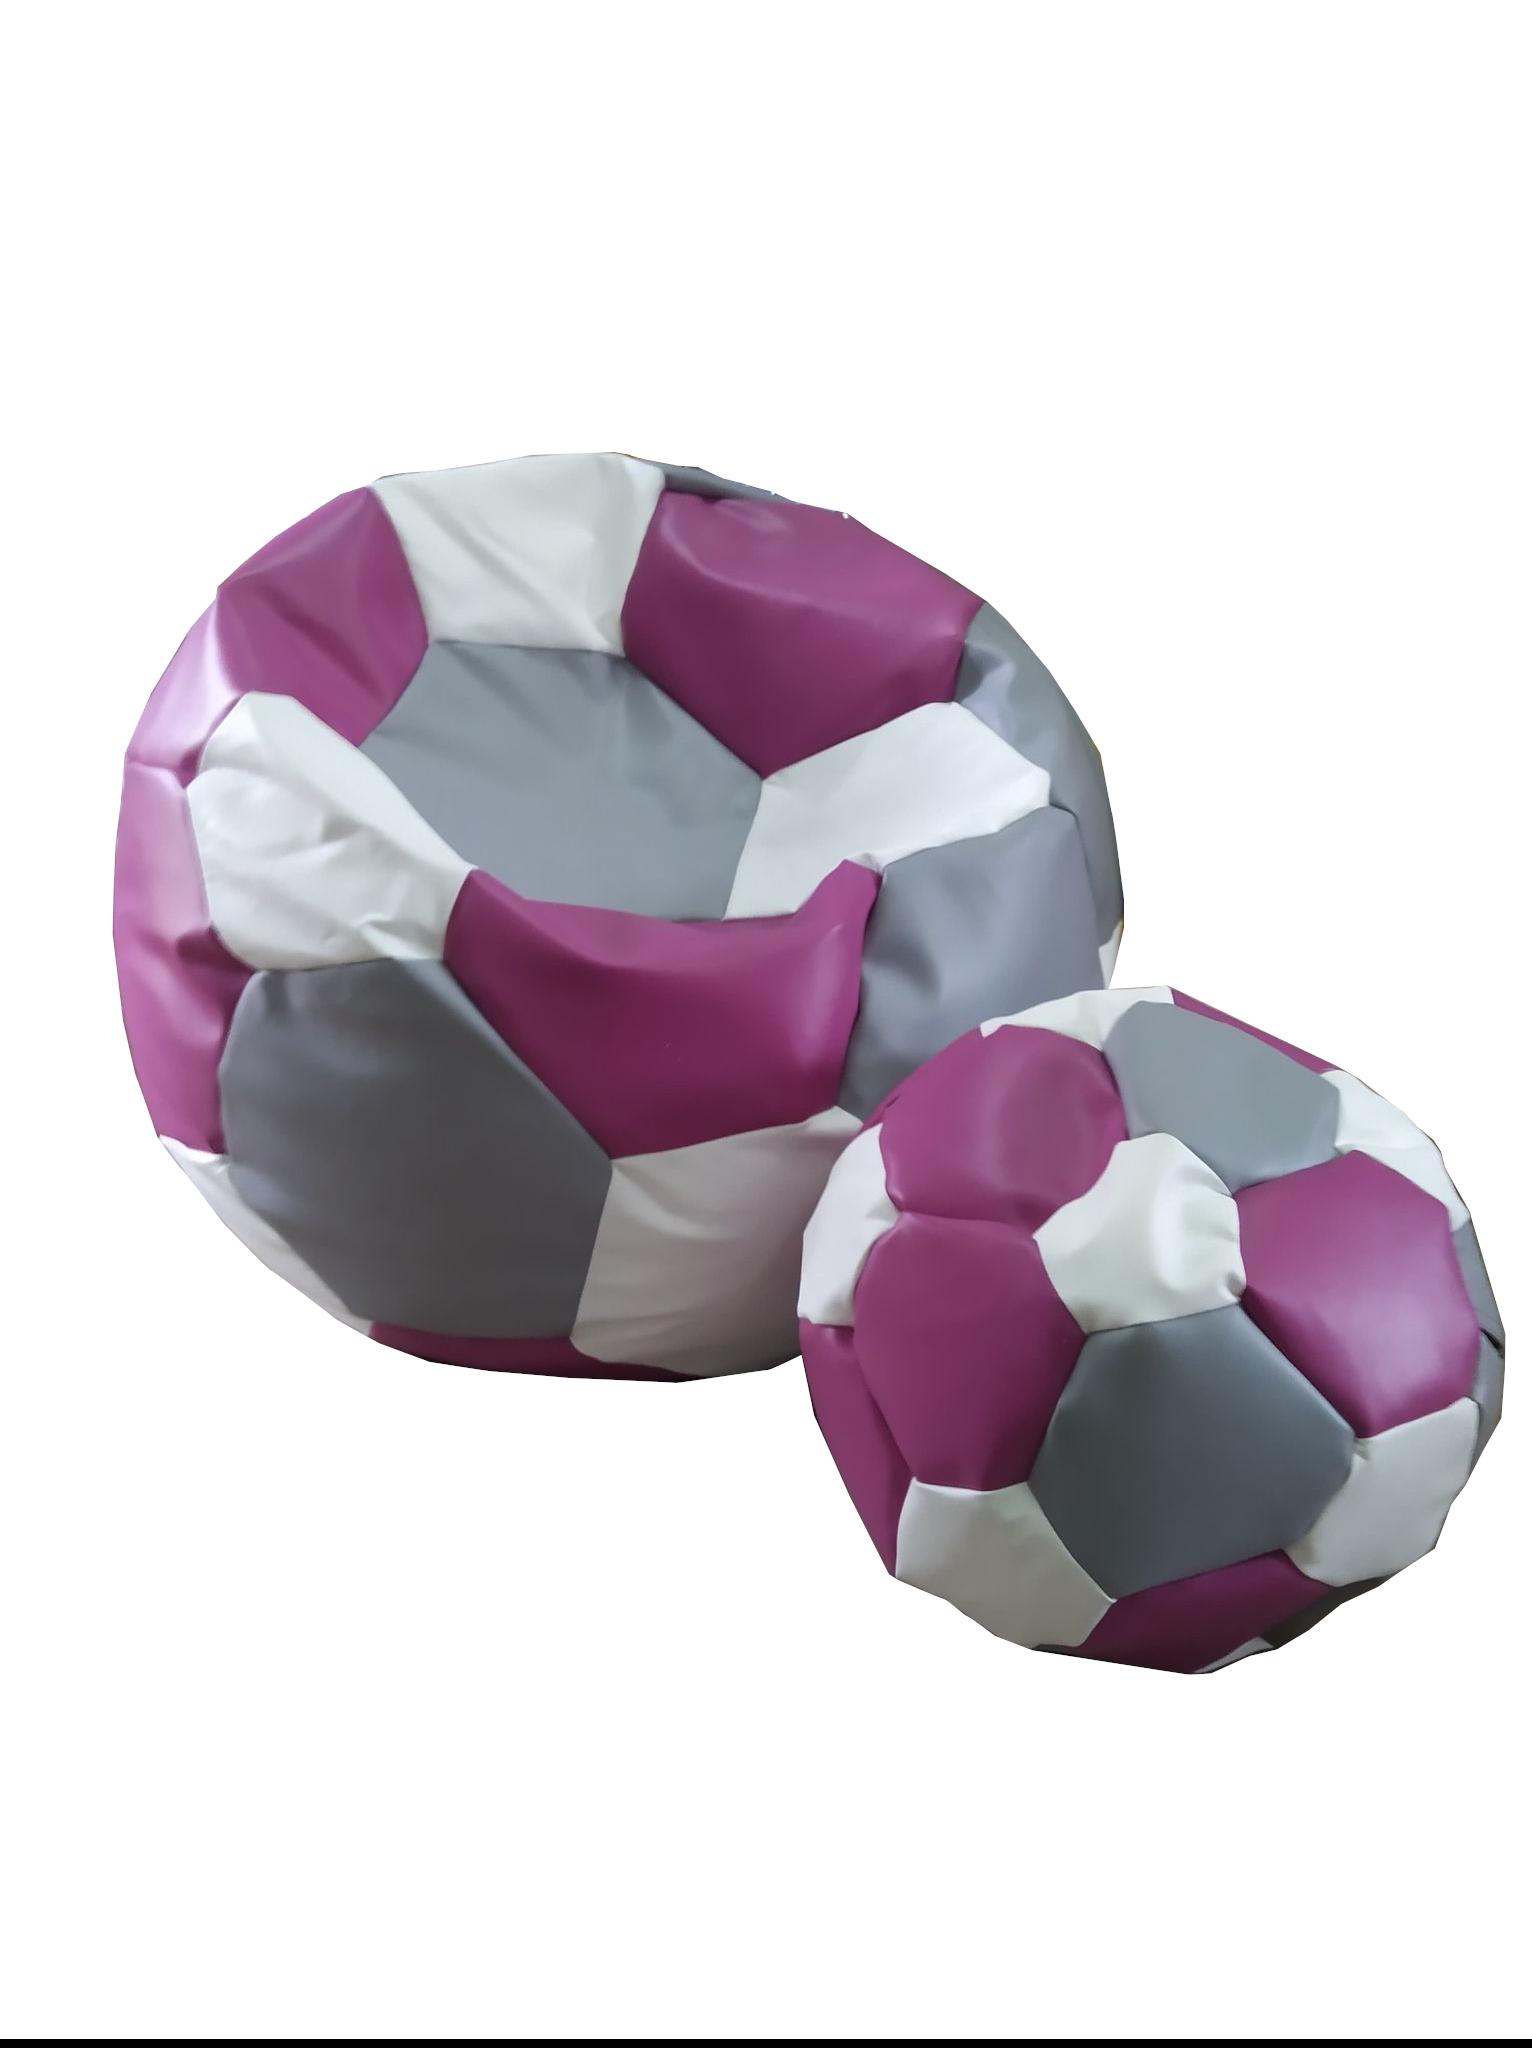 FITMANIA Tříbarevný sedací vak Fotbalový MÍČ XXL + podnožník Vzor: 36 ŠEDO RŮŽOVO BÍLÁ